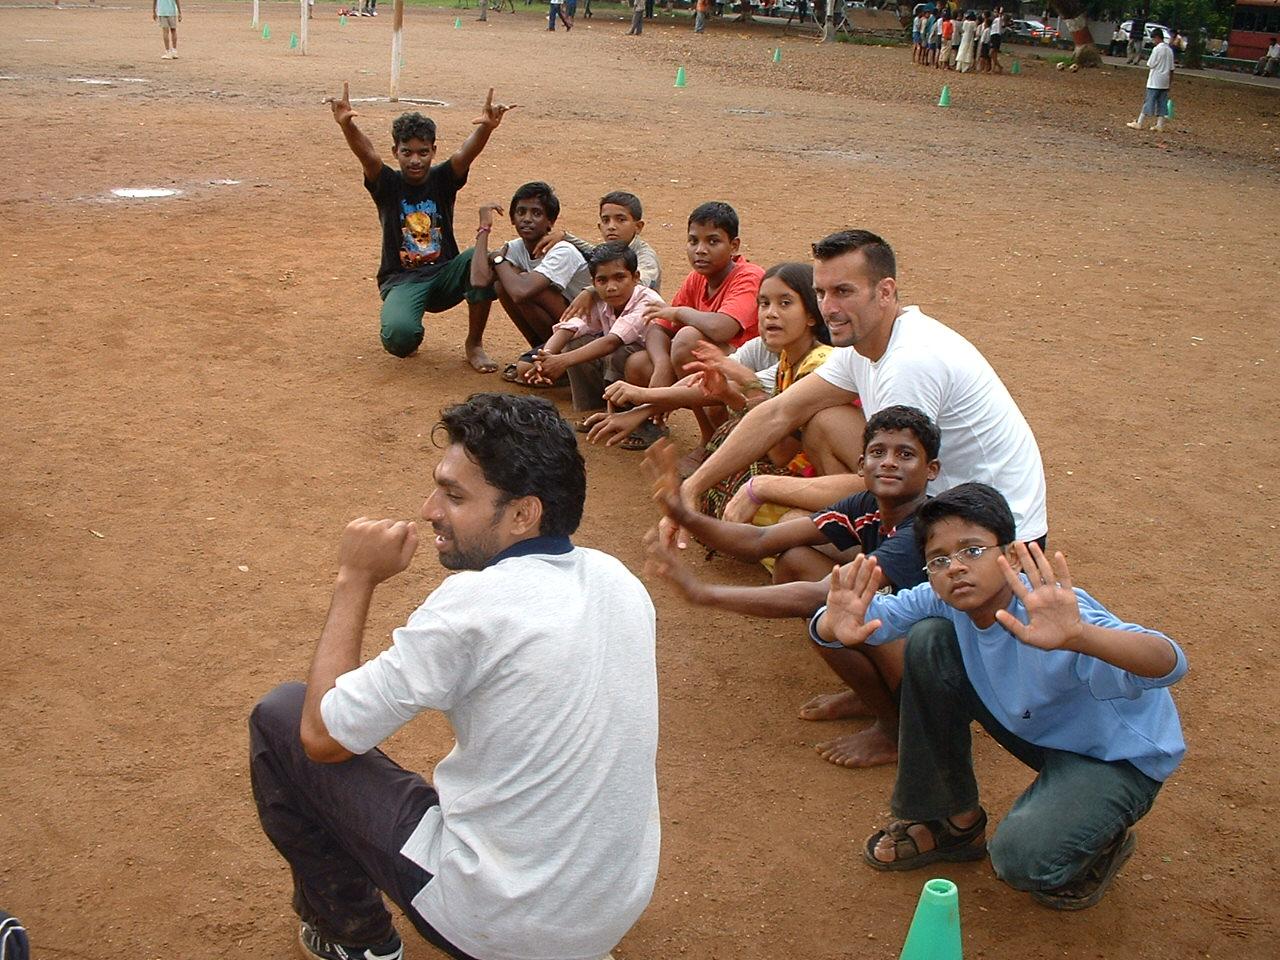 Mike Reeder India Volunteer Games